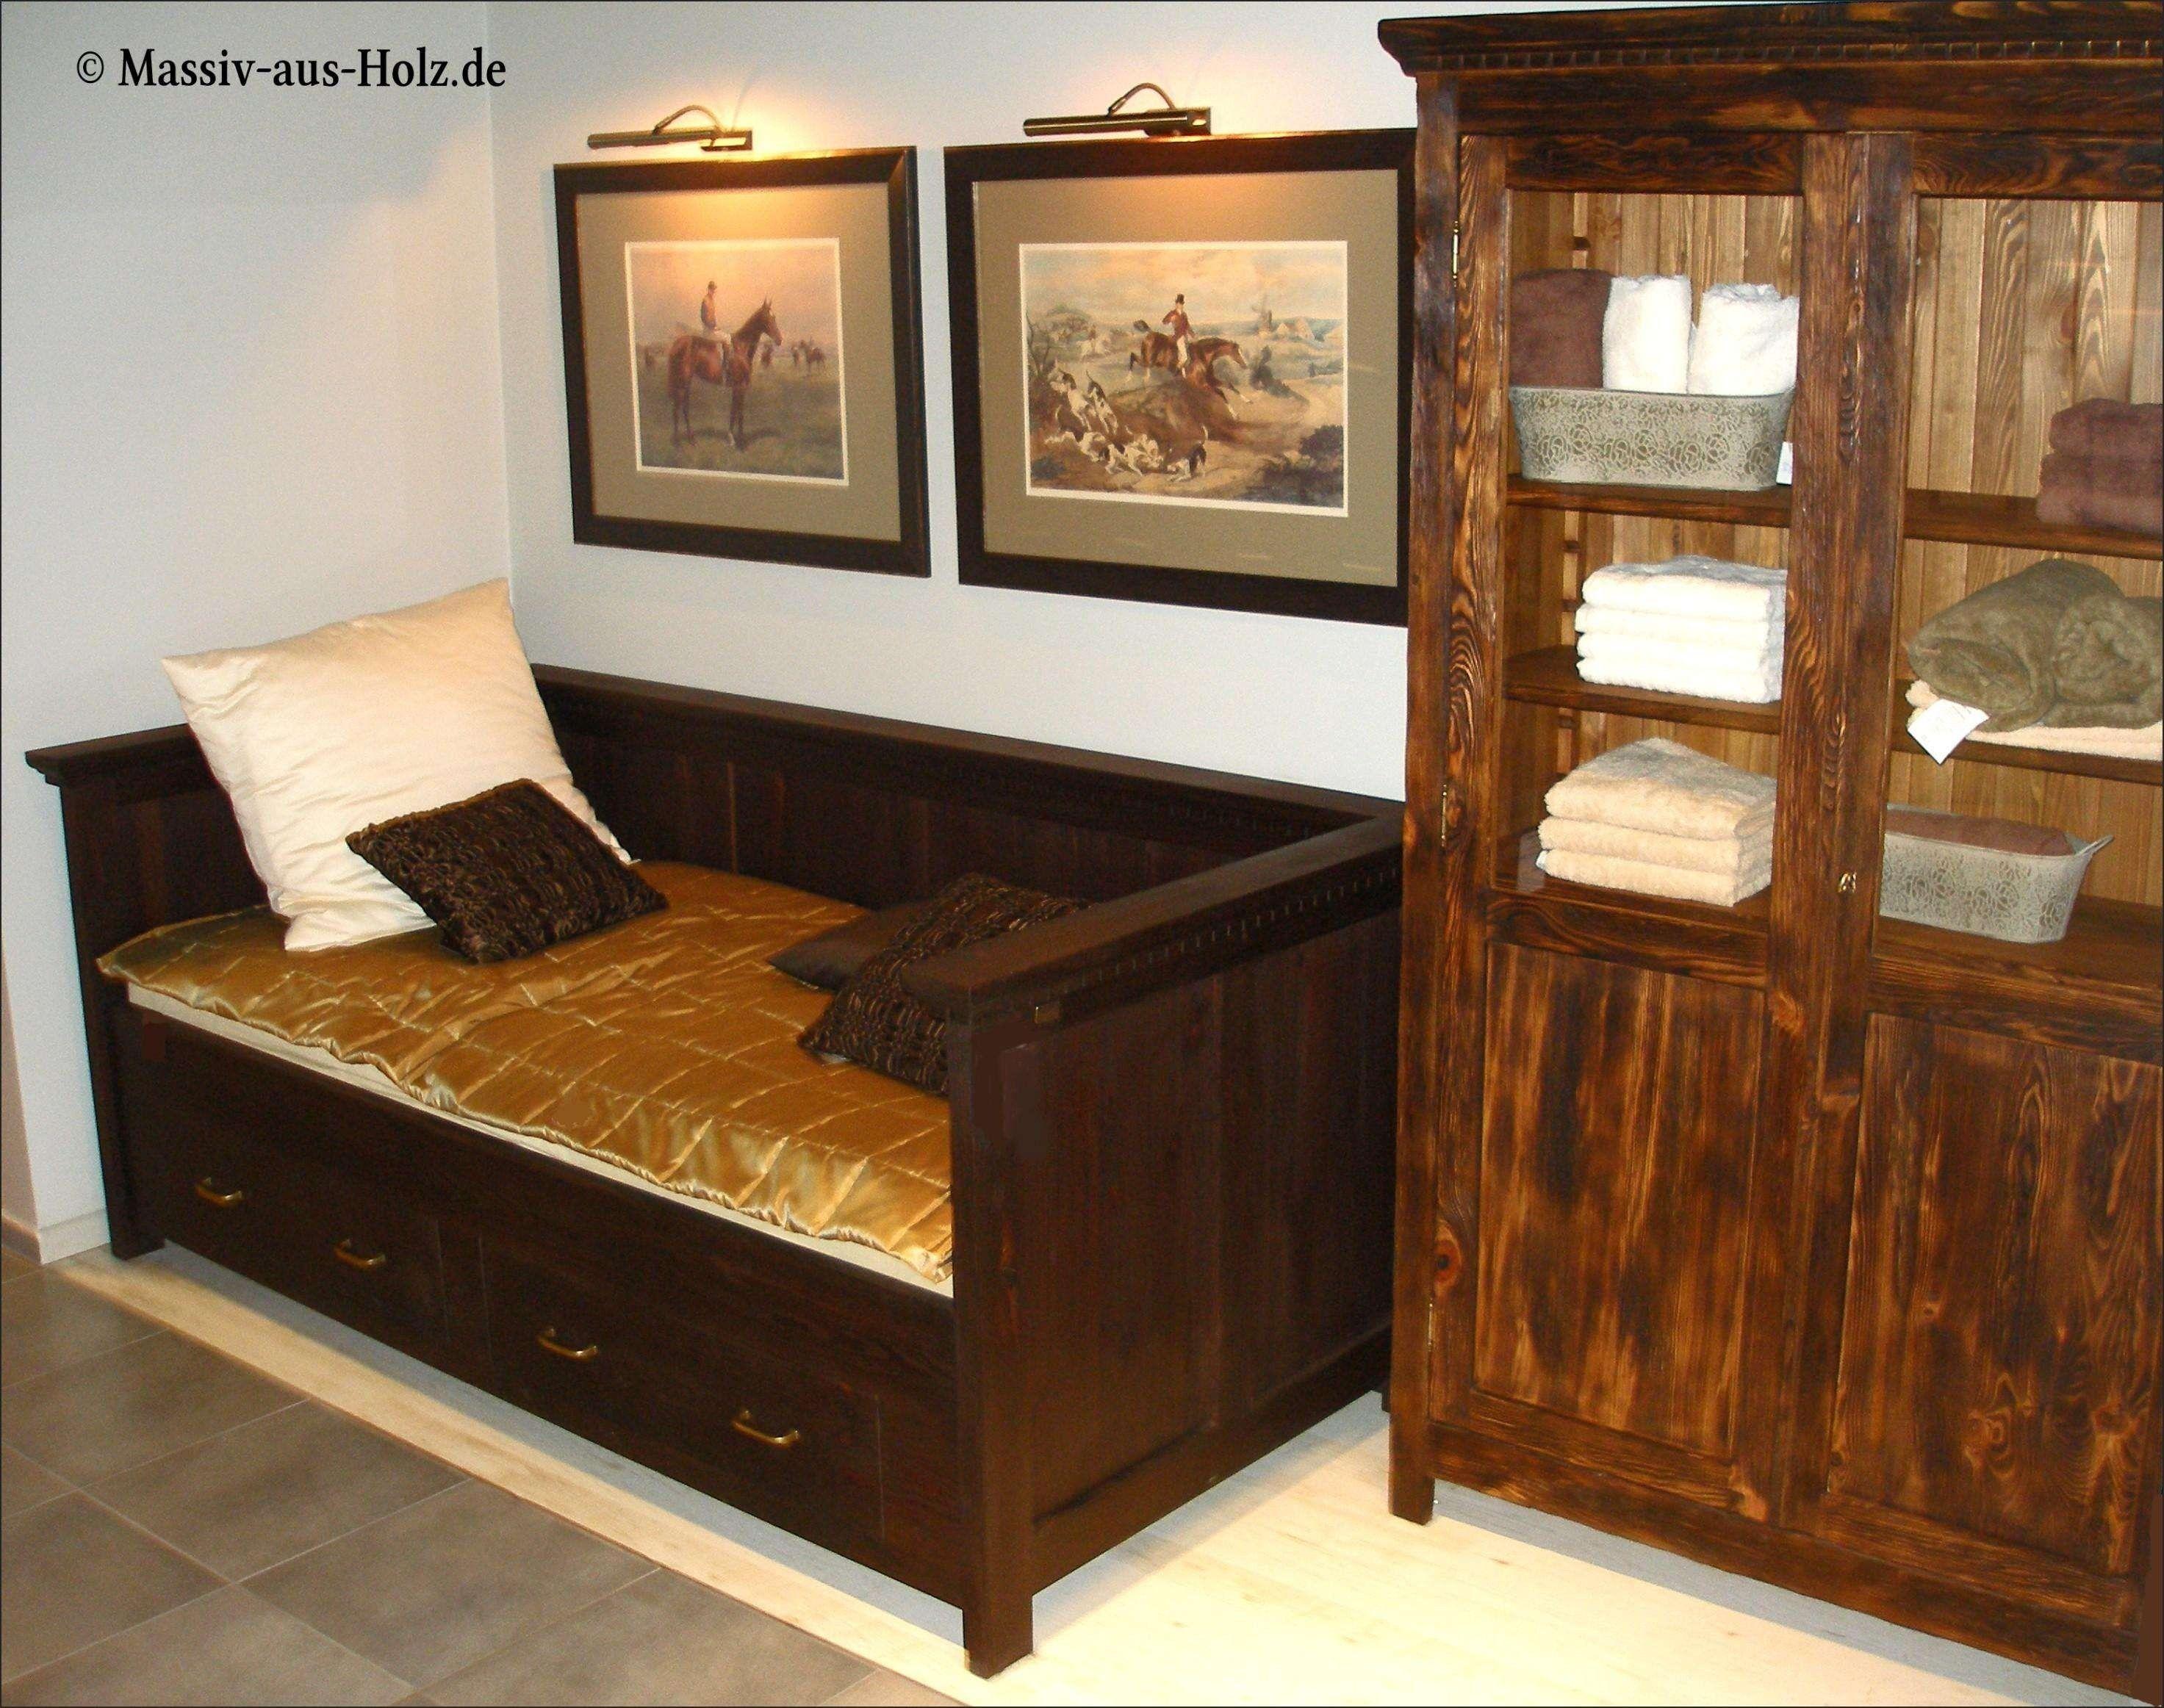 35 Frisch Wandgestaltung Innen (With images) Bedroom